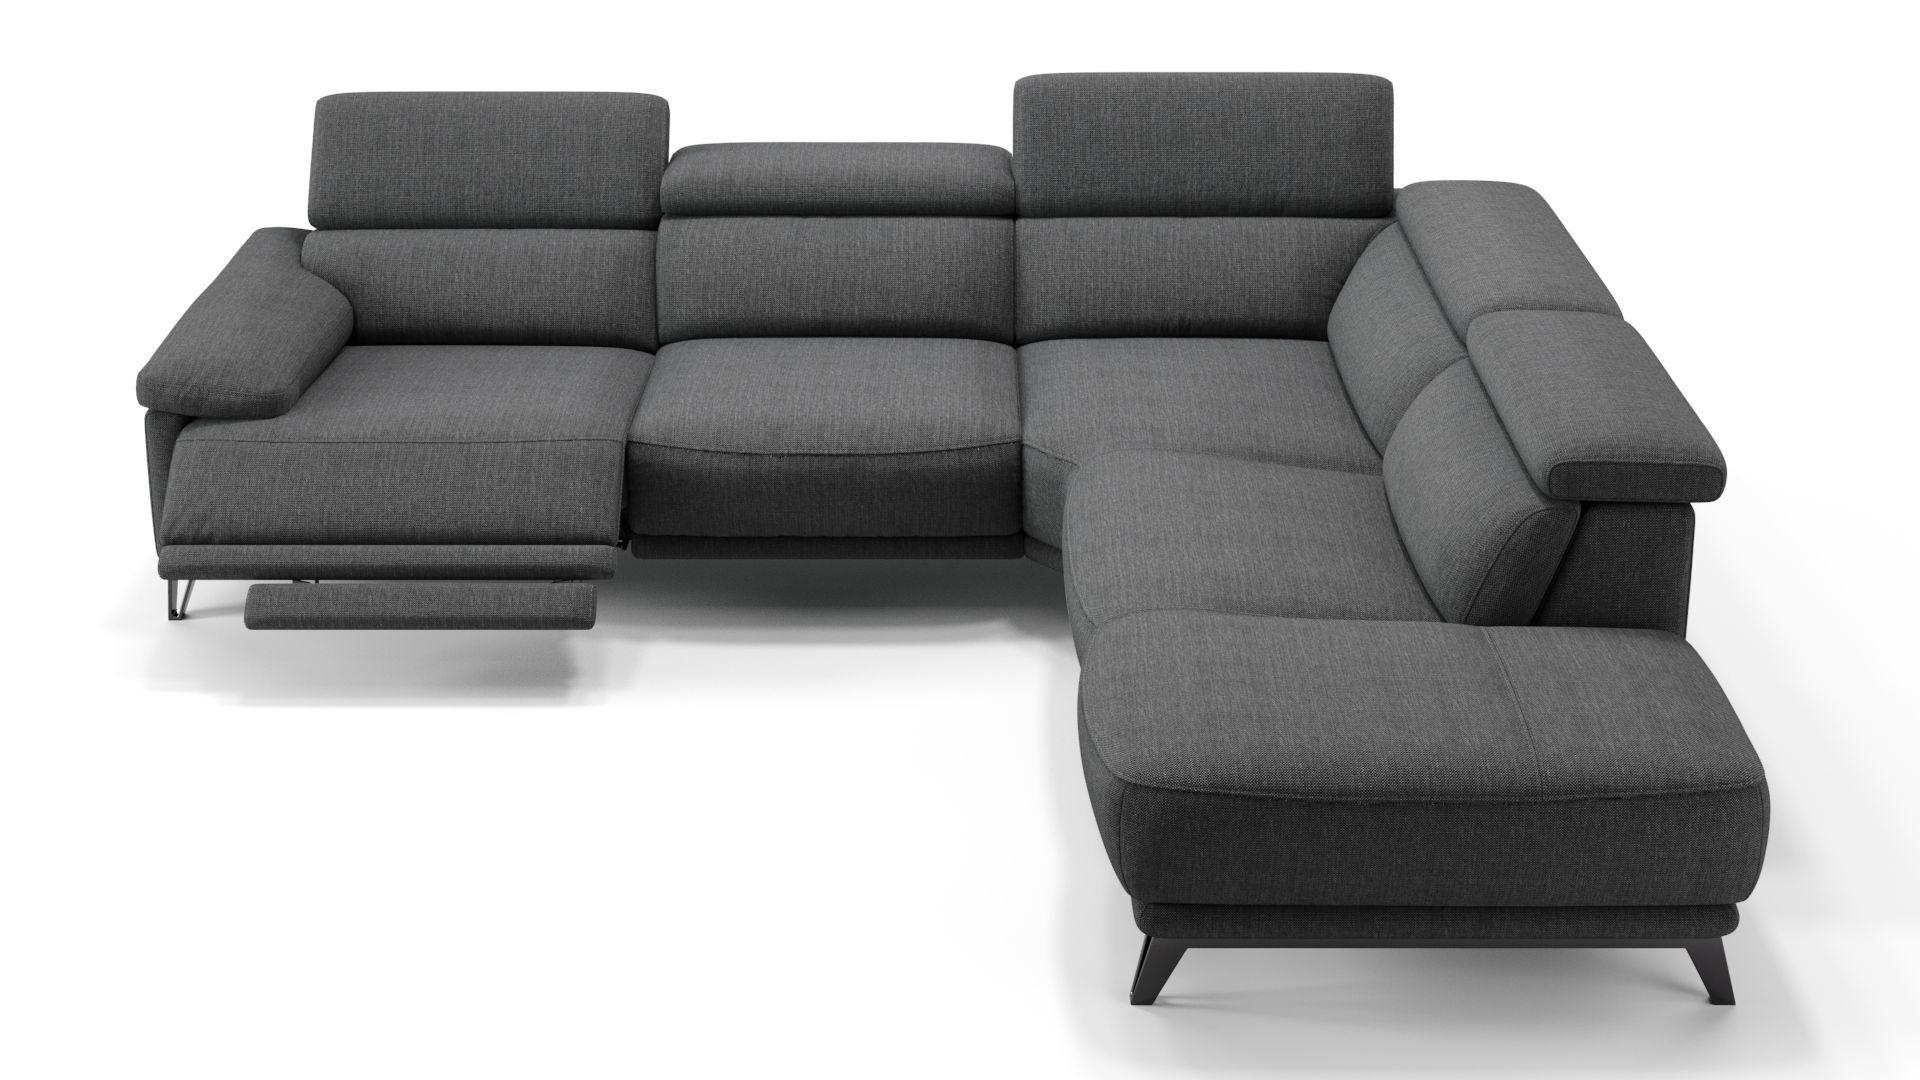 Dieses Ecksofa Mit Sitztiefenverstellung Sorgt Fur Besondere Annehmlichkeiten Lassen Sie Sich Von Dem Schonen Stoff Sof Sofa Mit Relaxfunktion Sofa Stoff Sofa